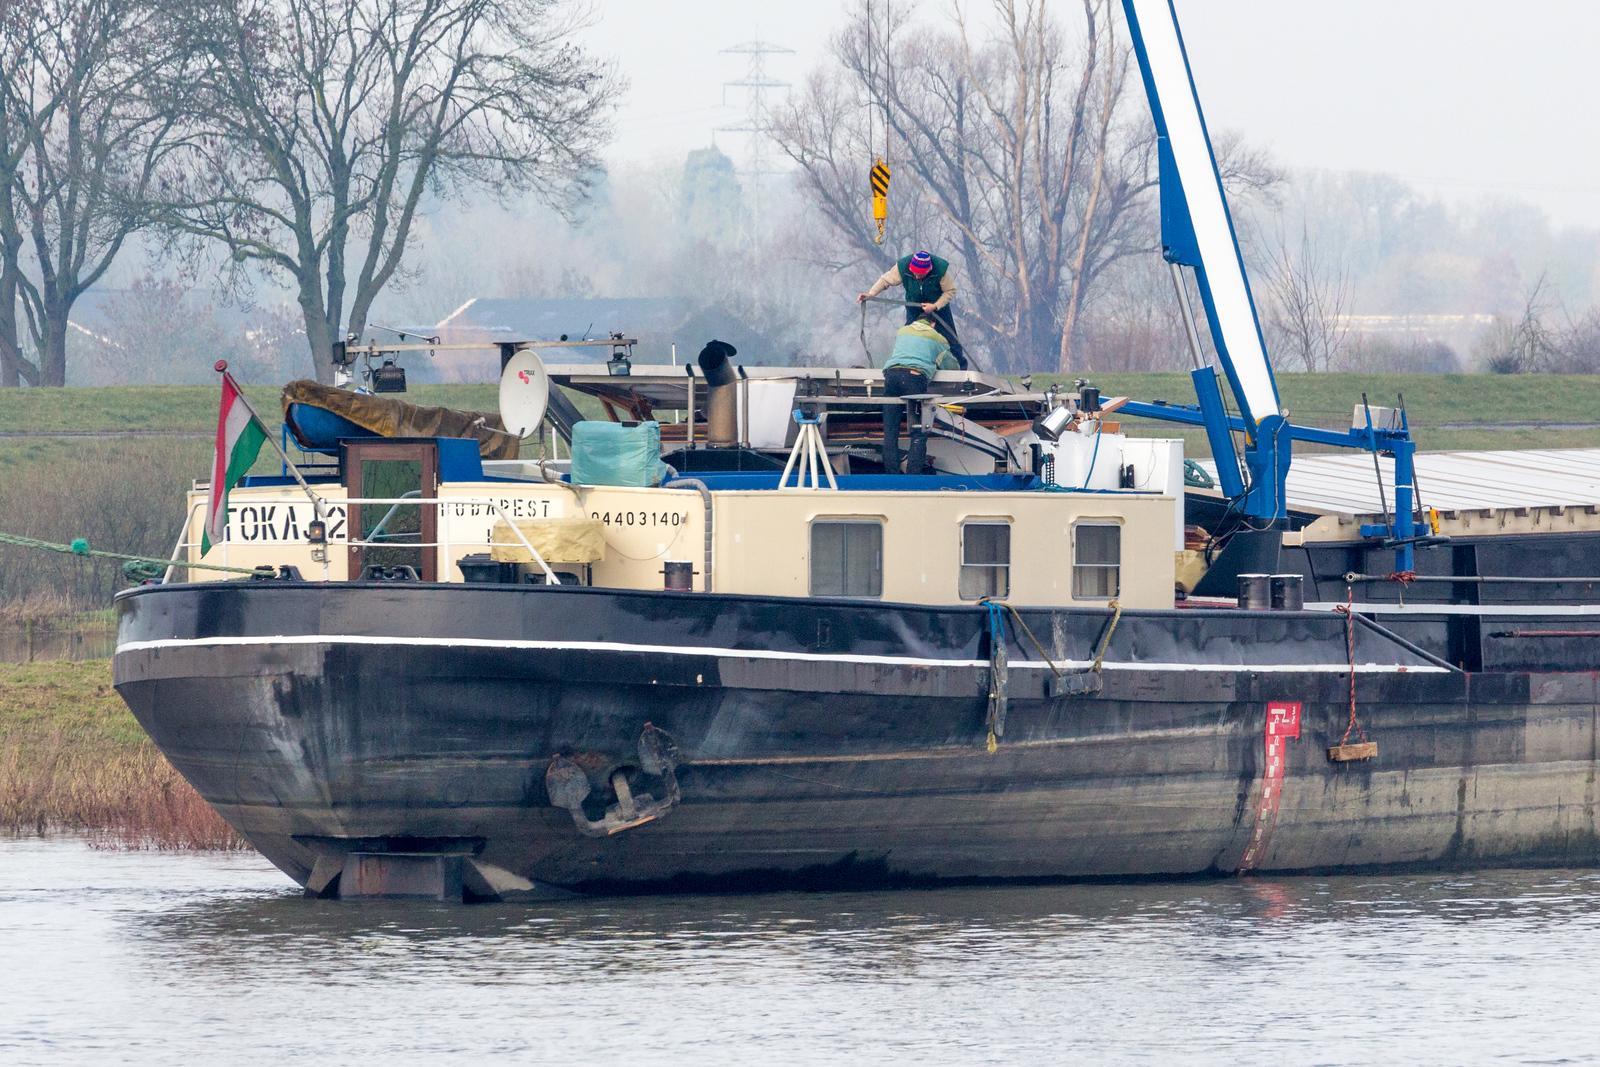 'Tokaj-II' verliest haar stuurhut